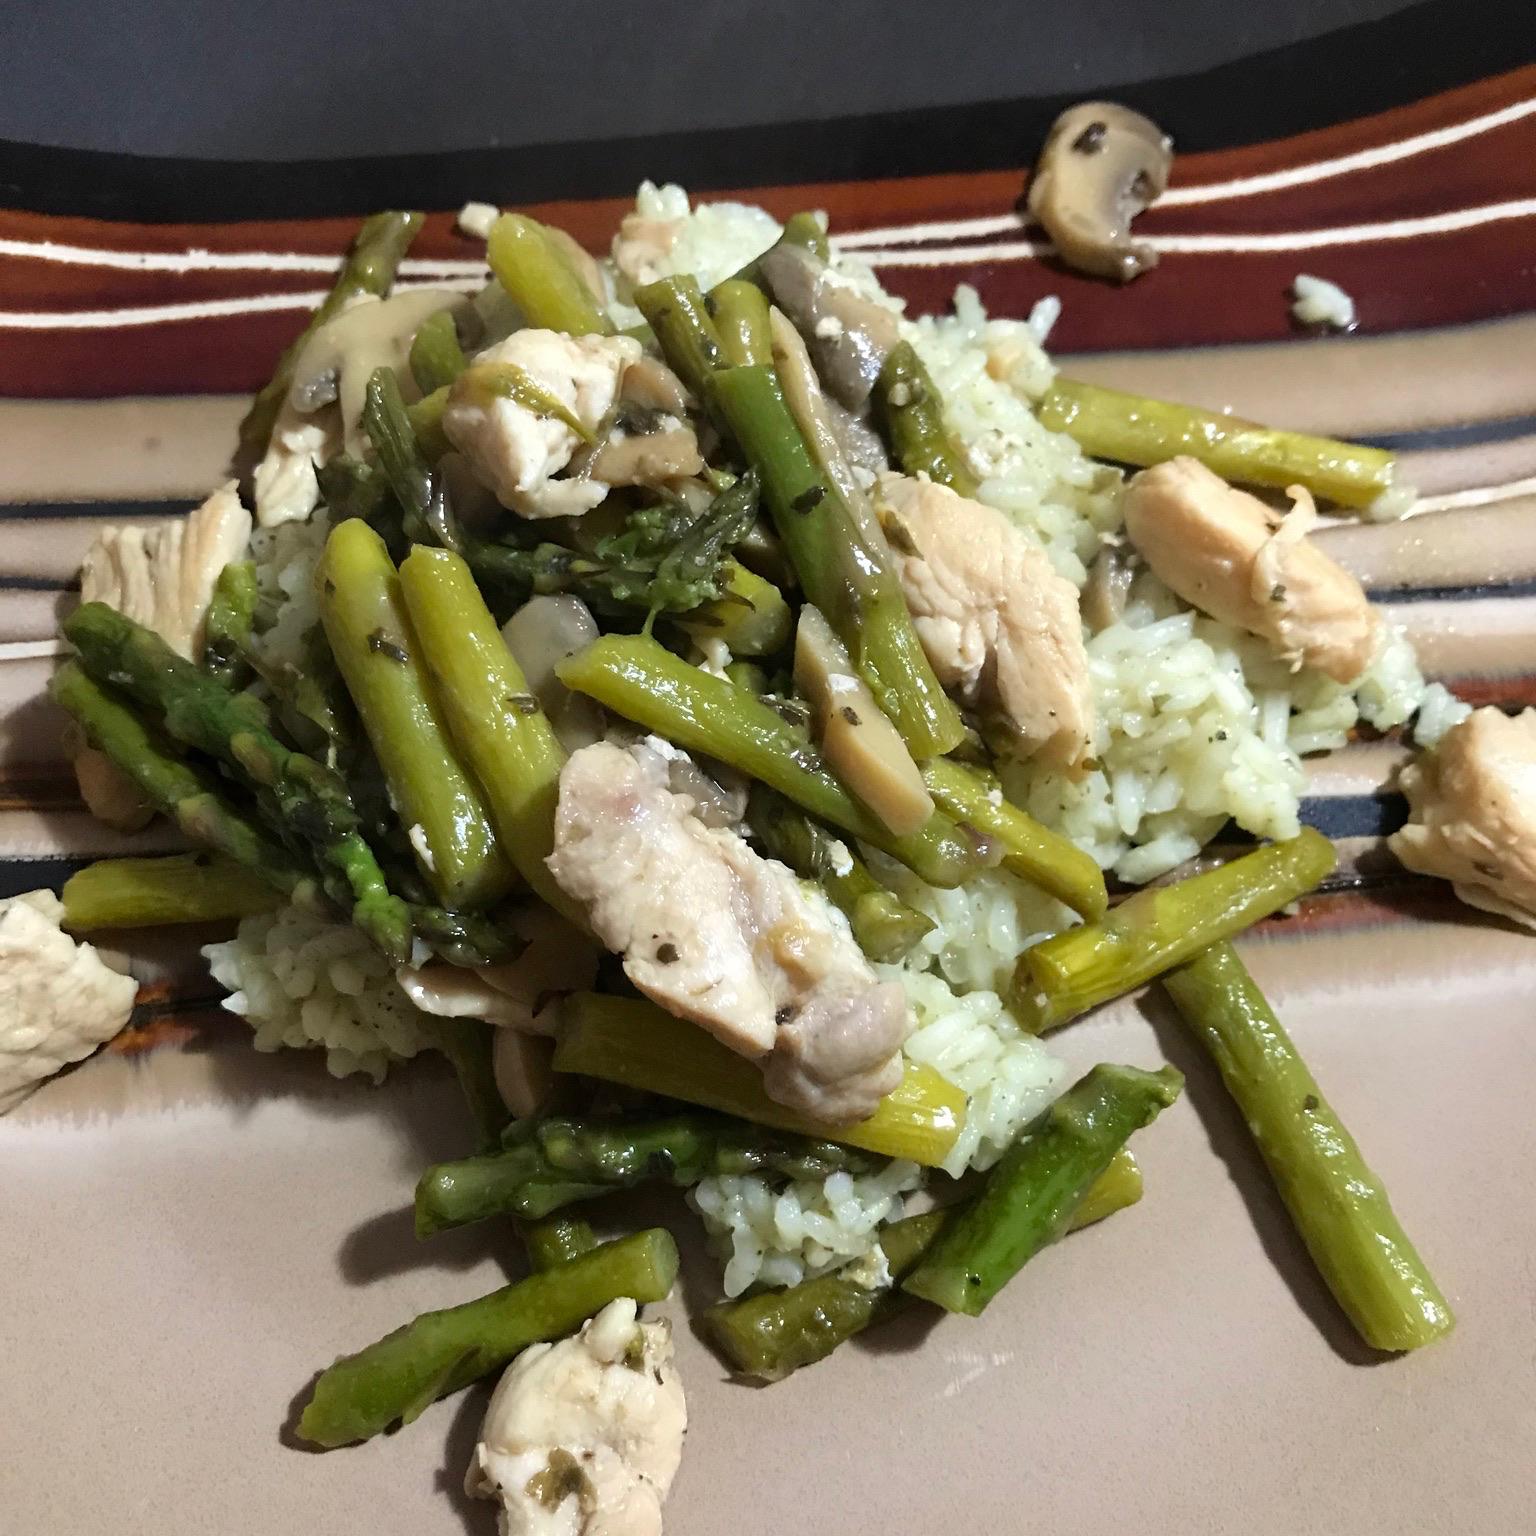 Chicken, Asparagus, and Mushroom Skillet Carol M